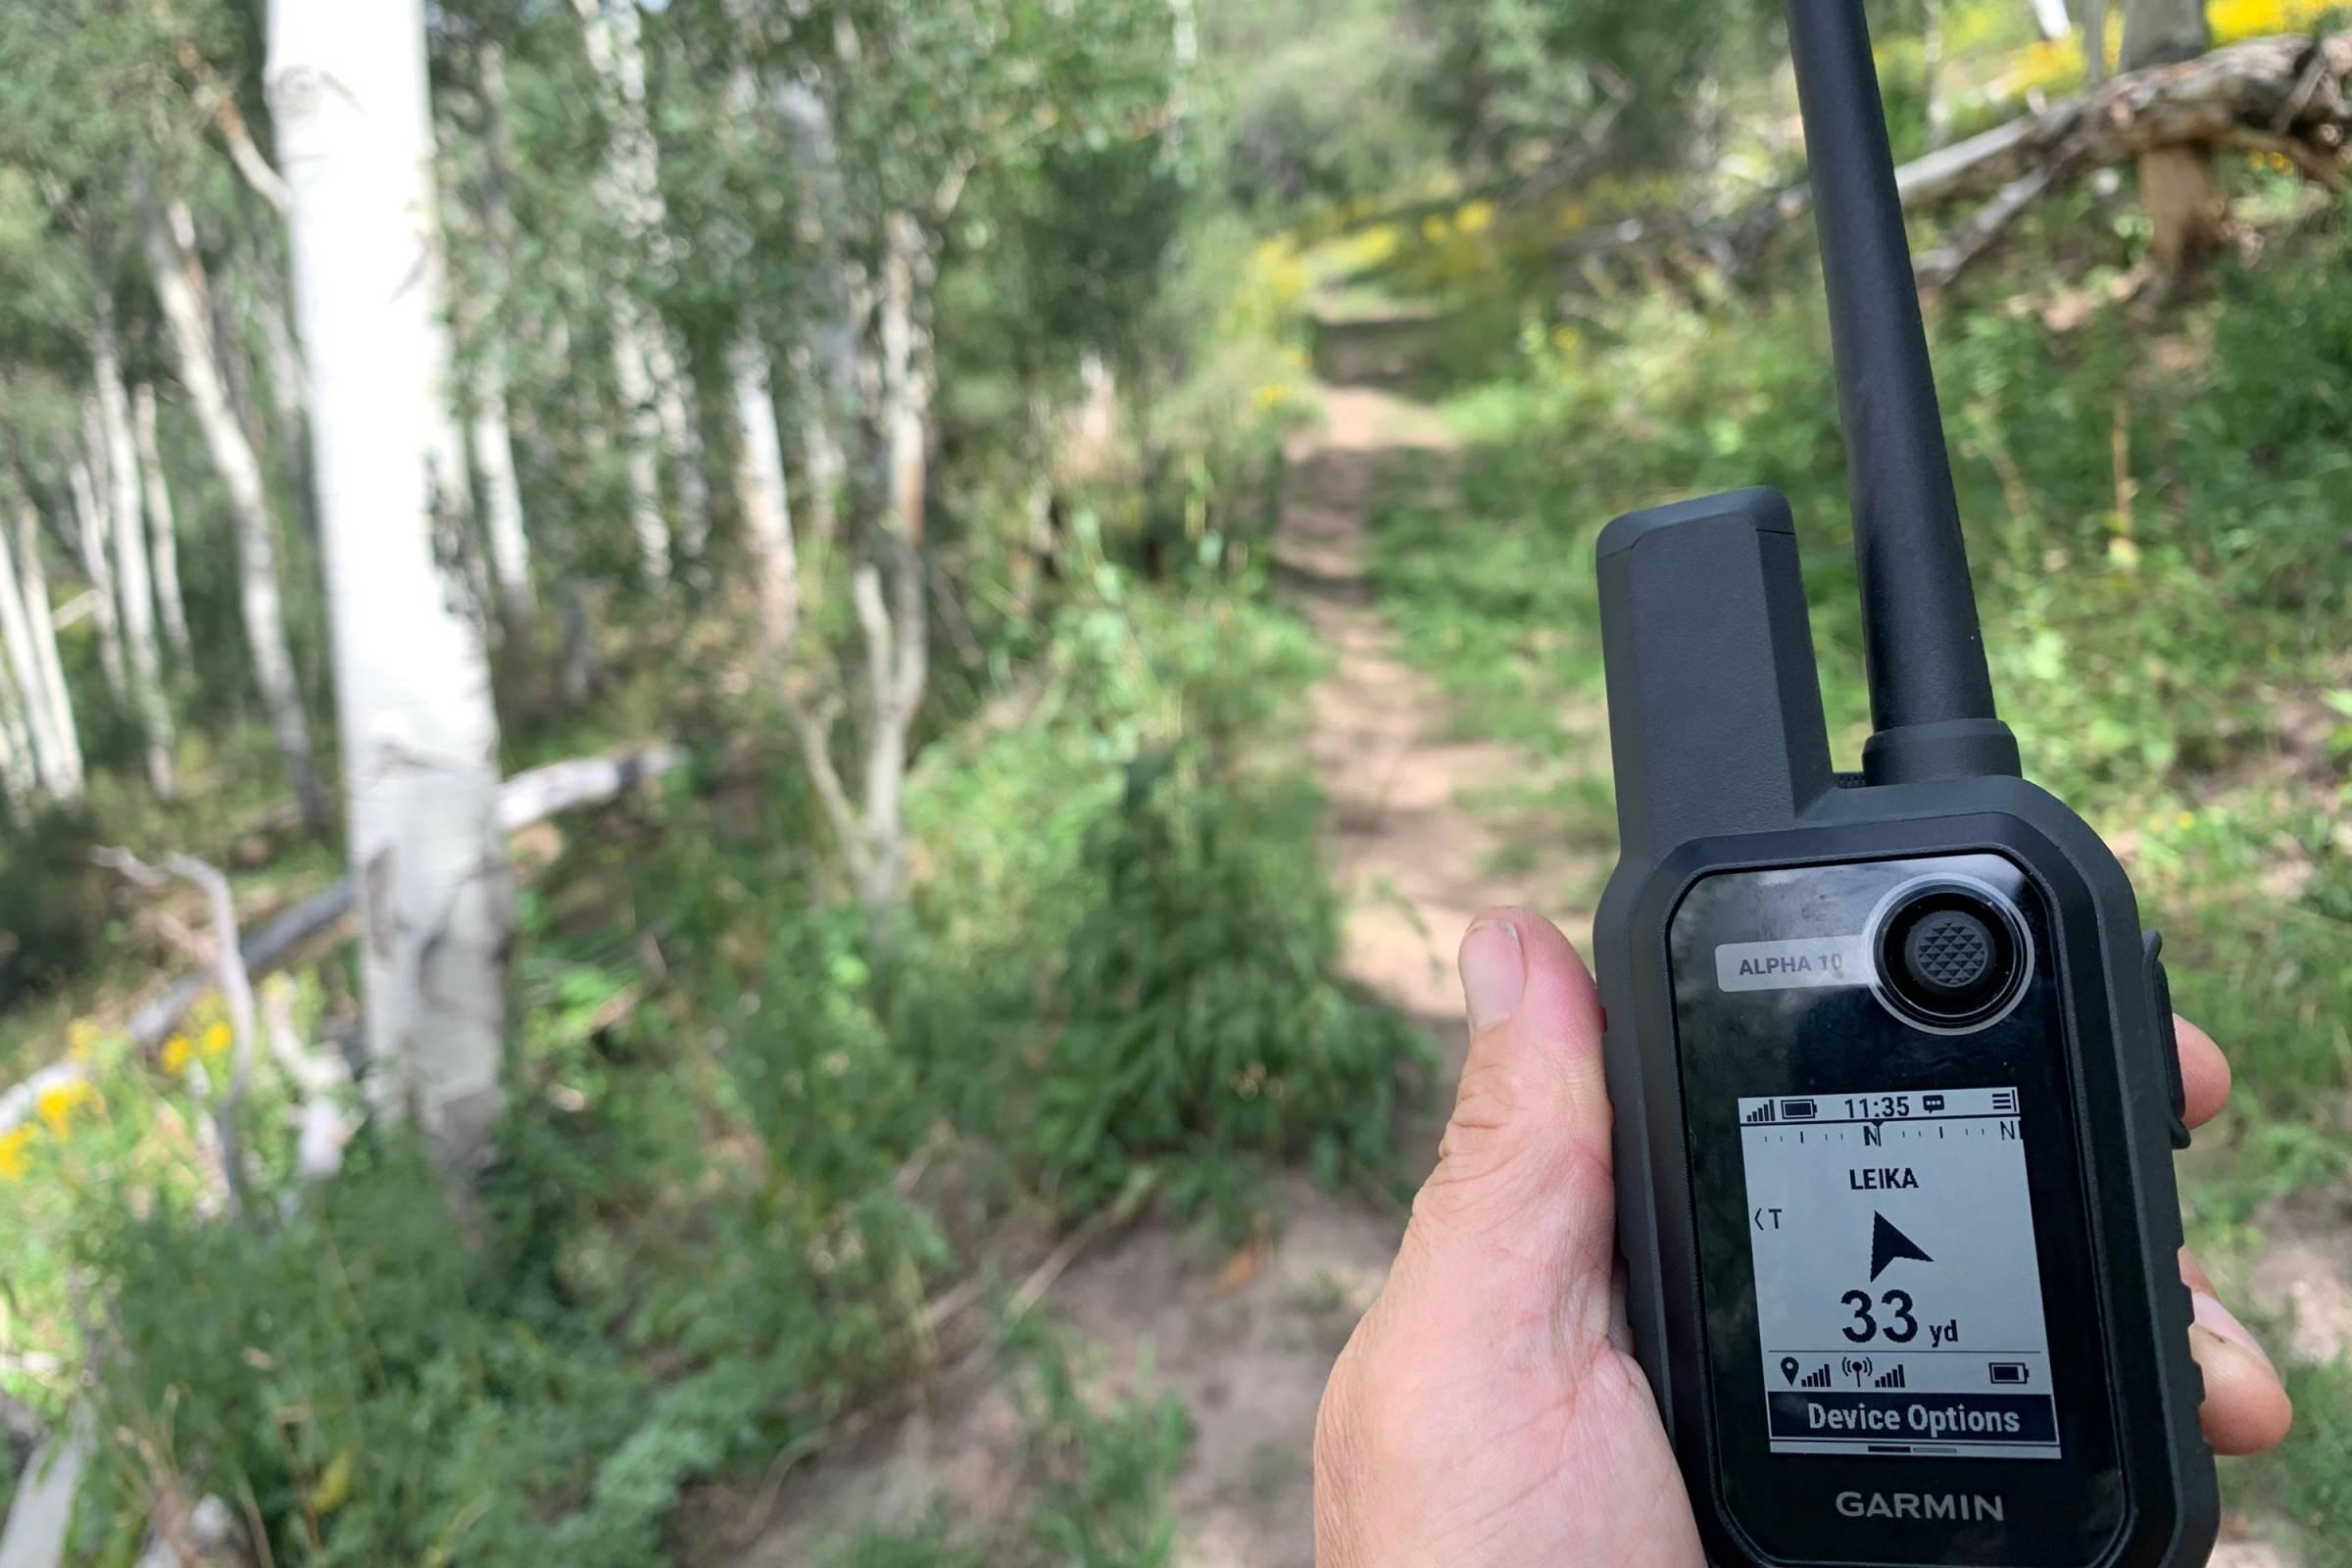 Garmin Alpha 10 gps dog tracker